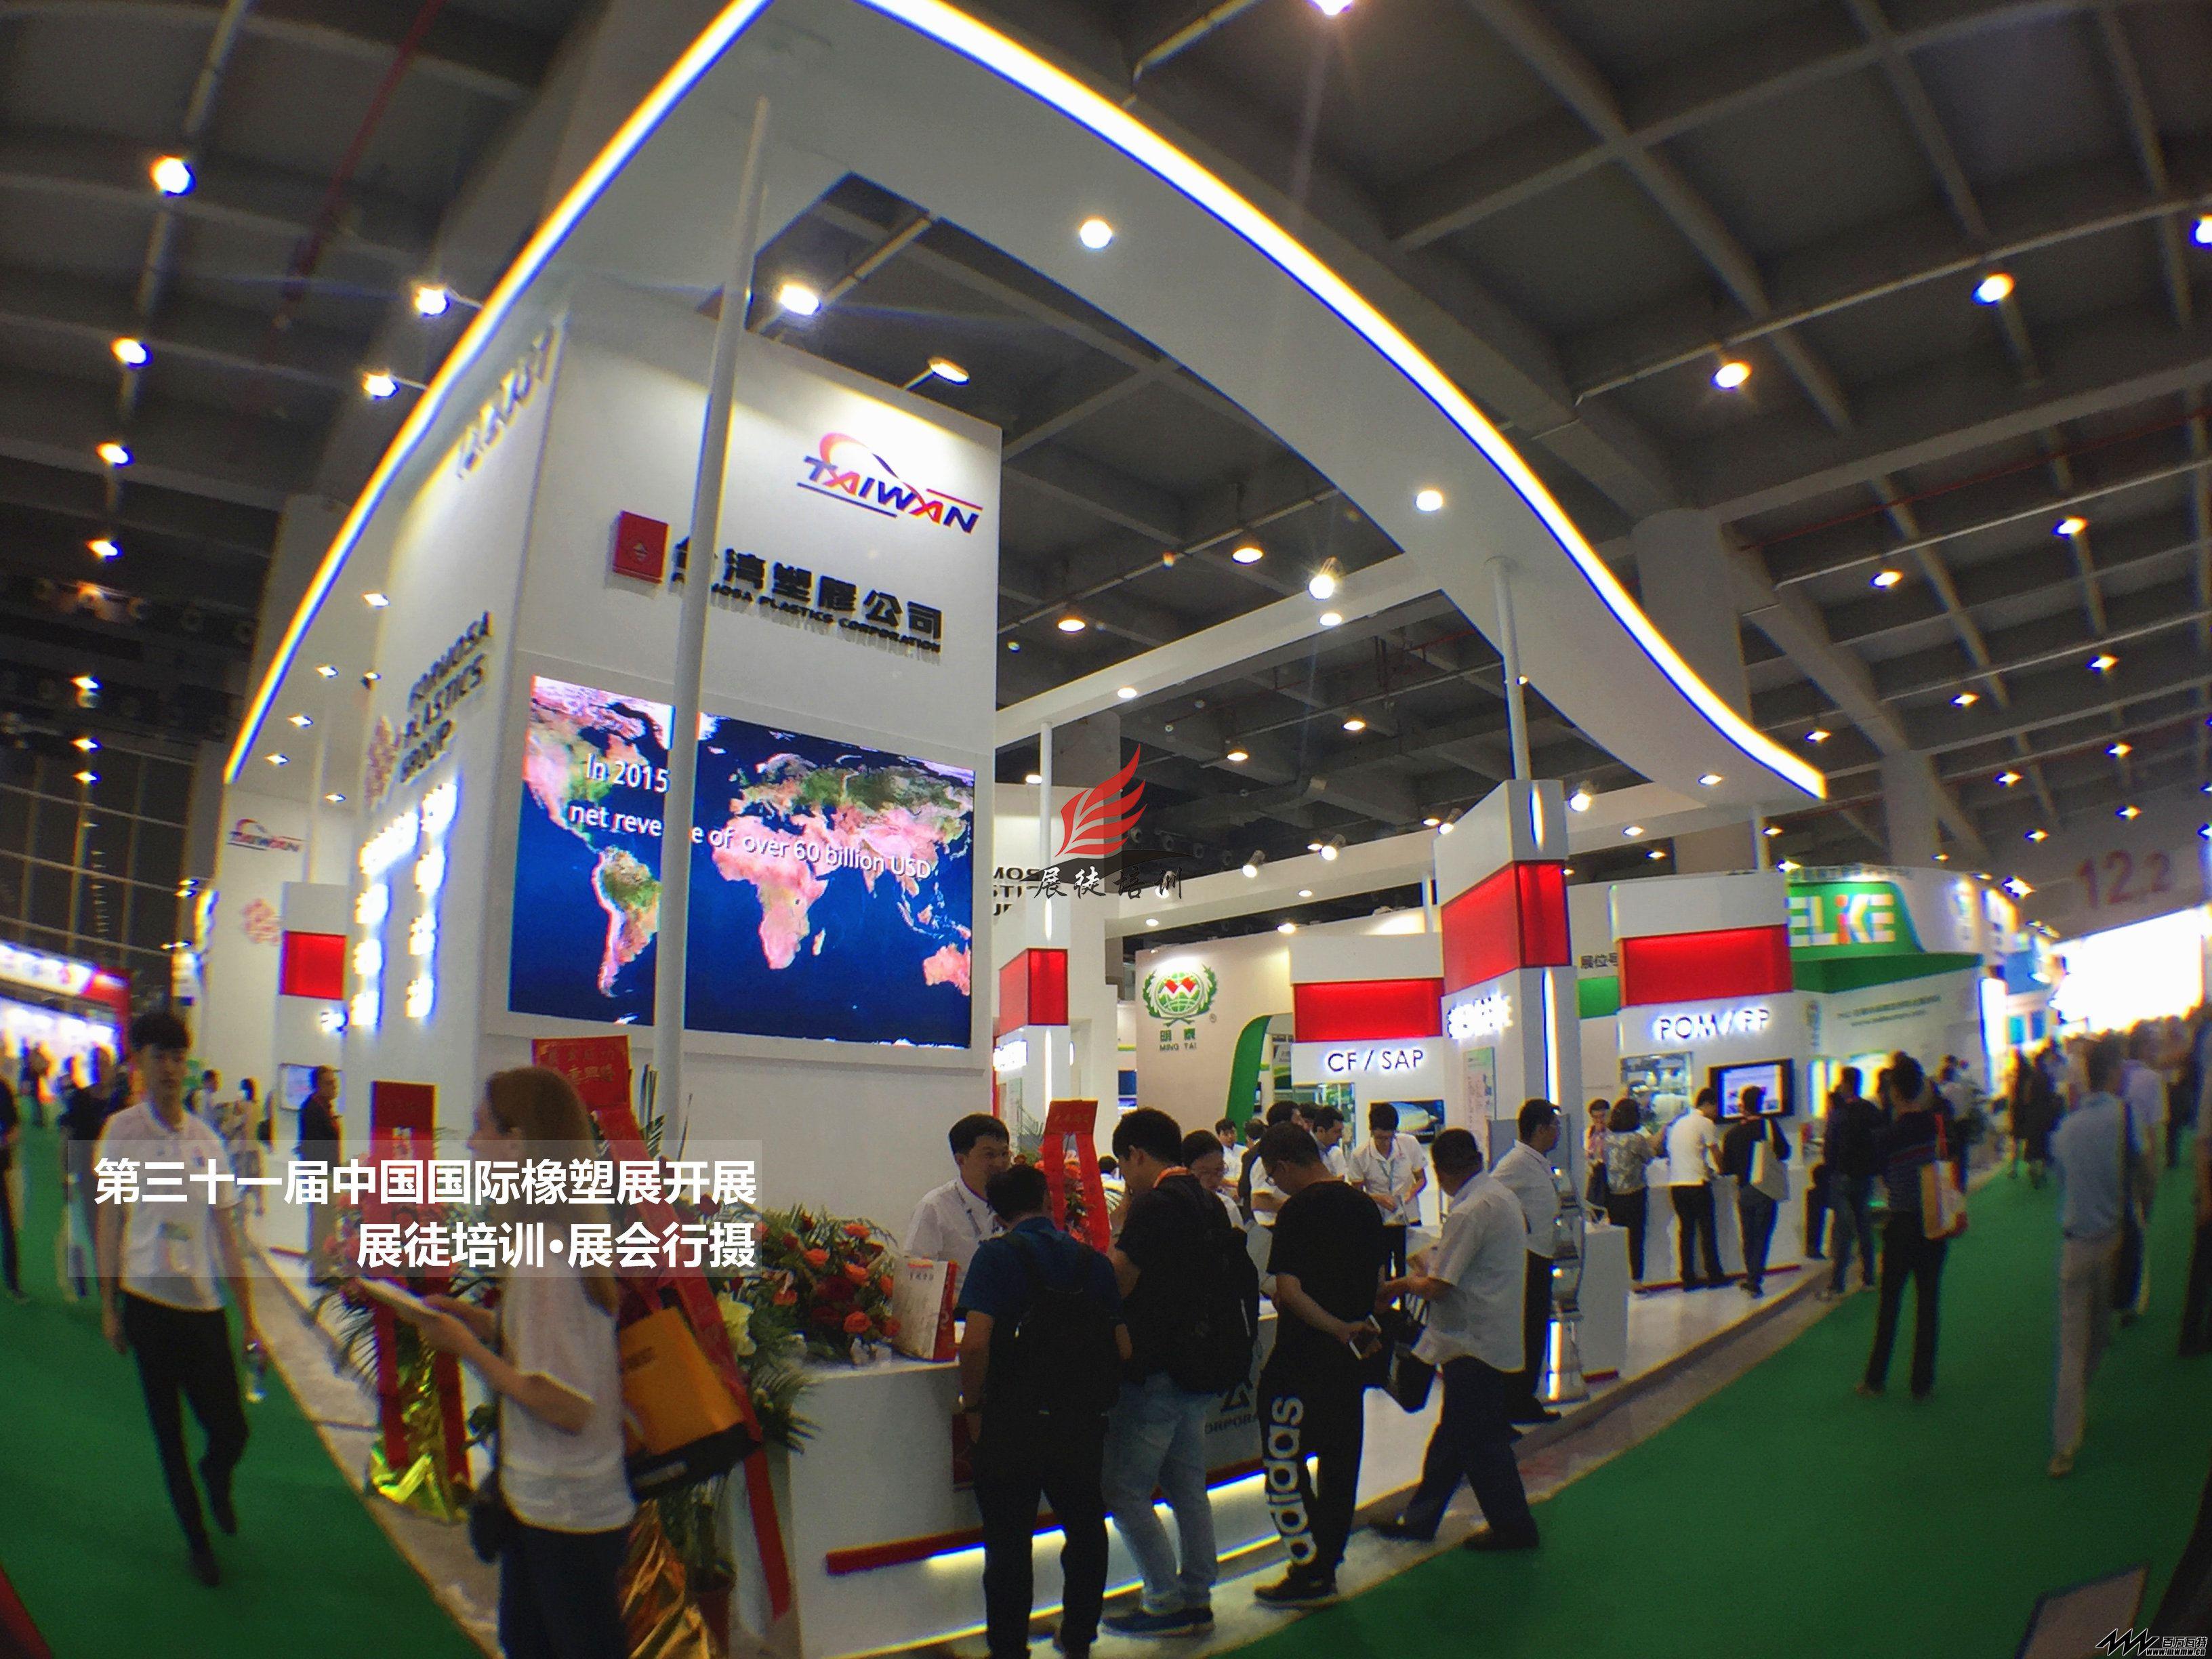 2017第三十一届中国国际橡塑展·展徒培训·展会行摄 (94).JPG